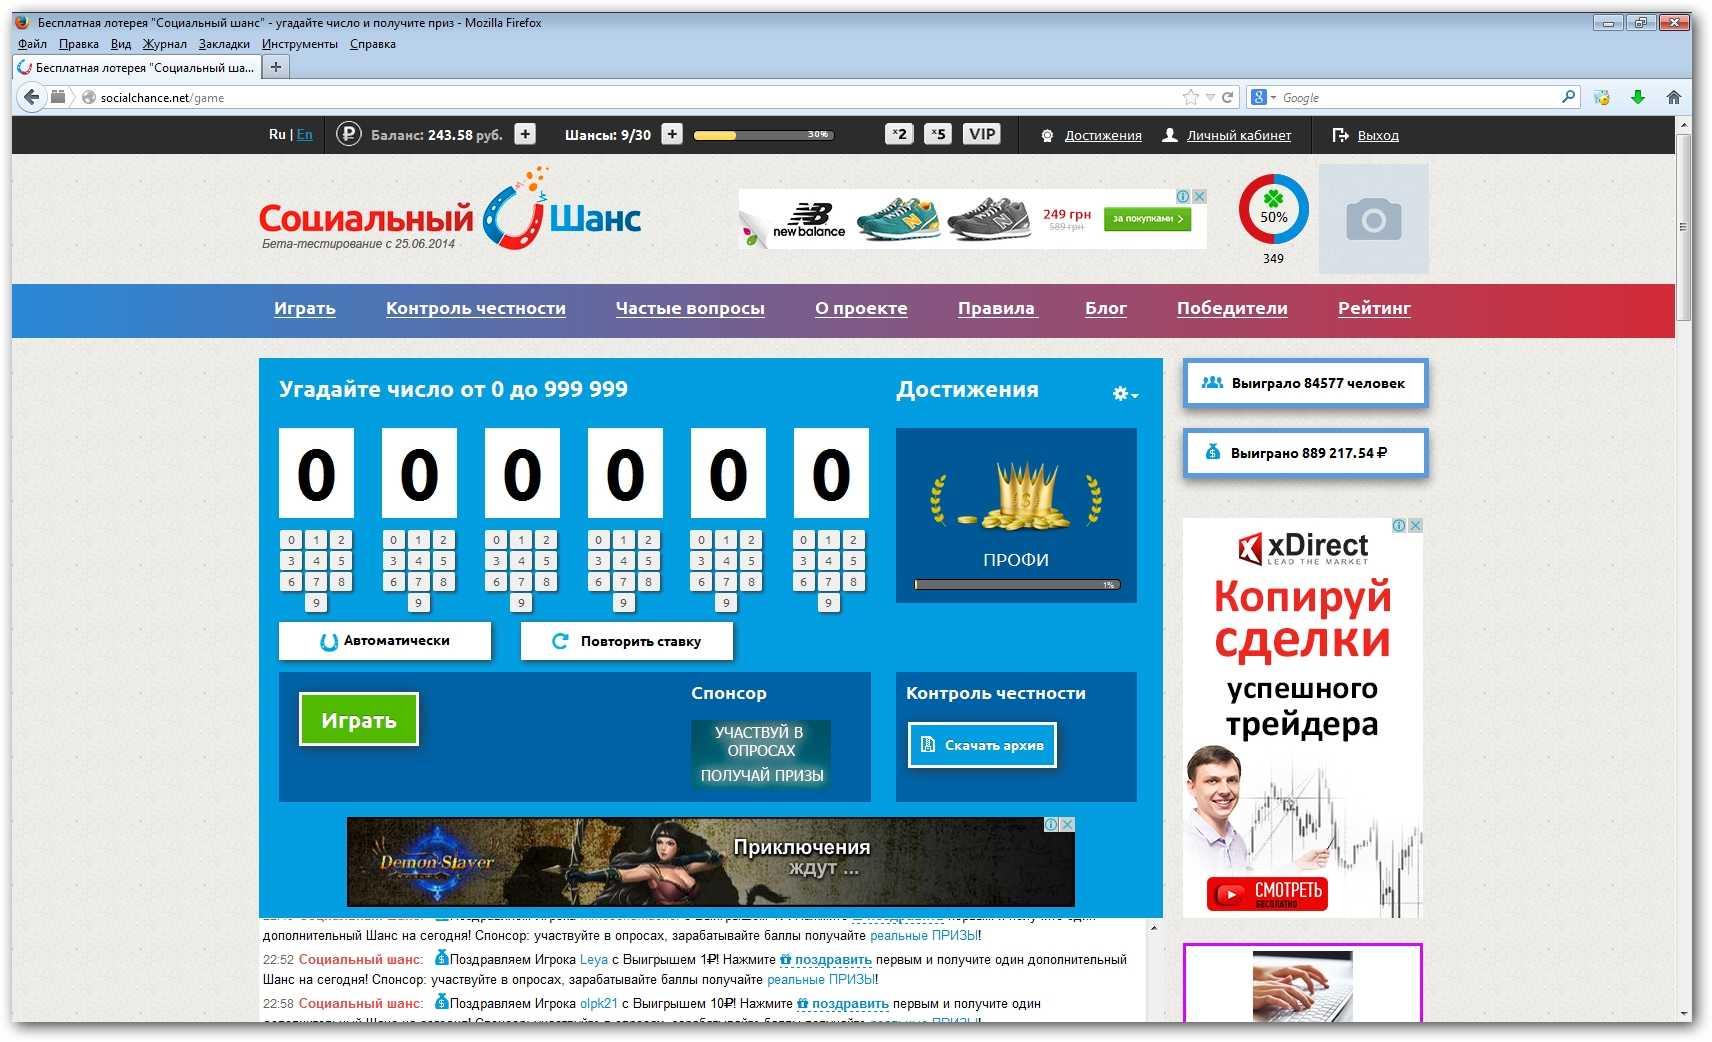 Бесплатная онлайн лотерея с реальными выигрышами - seo блог – seo modern